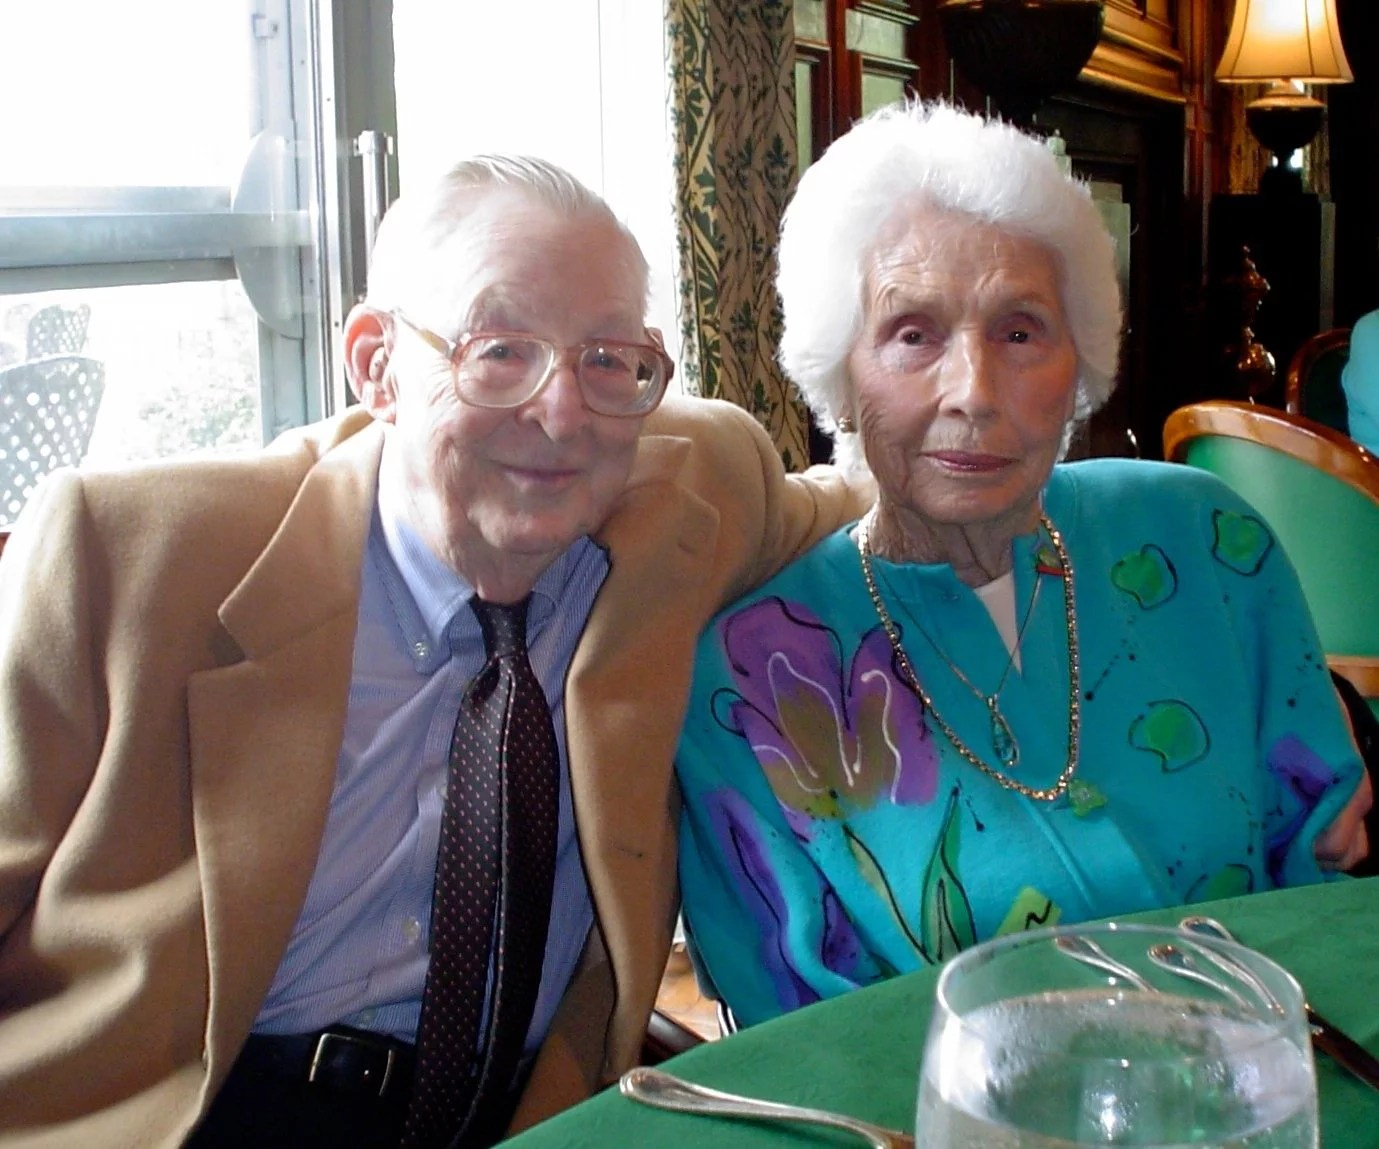 Well dressed elderly couple at dinner